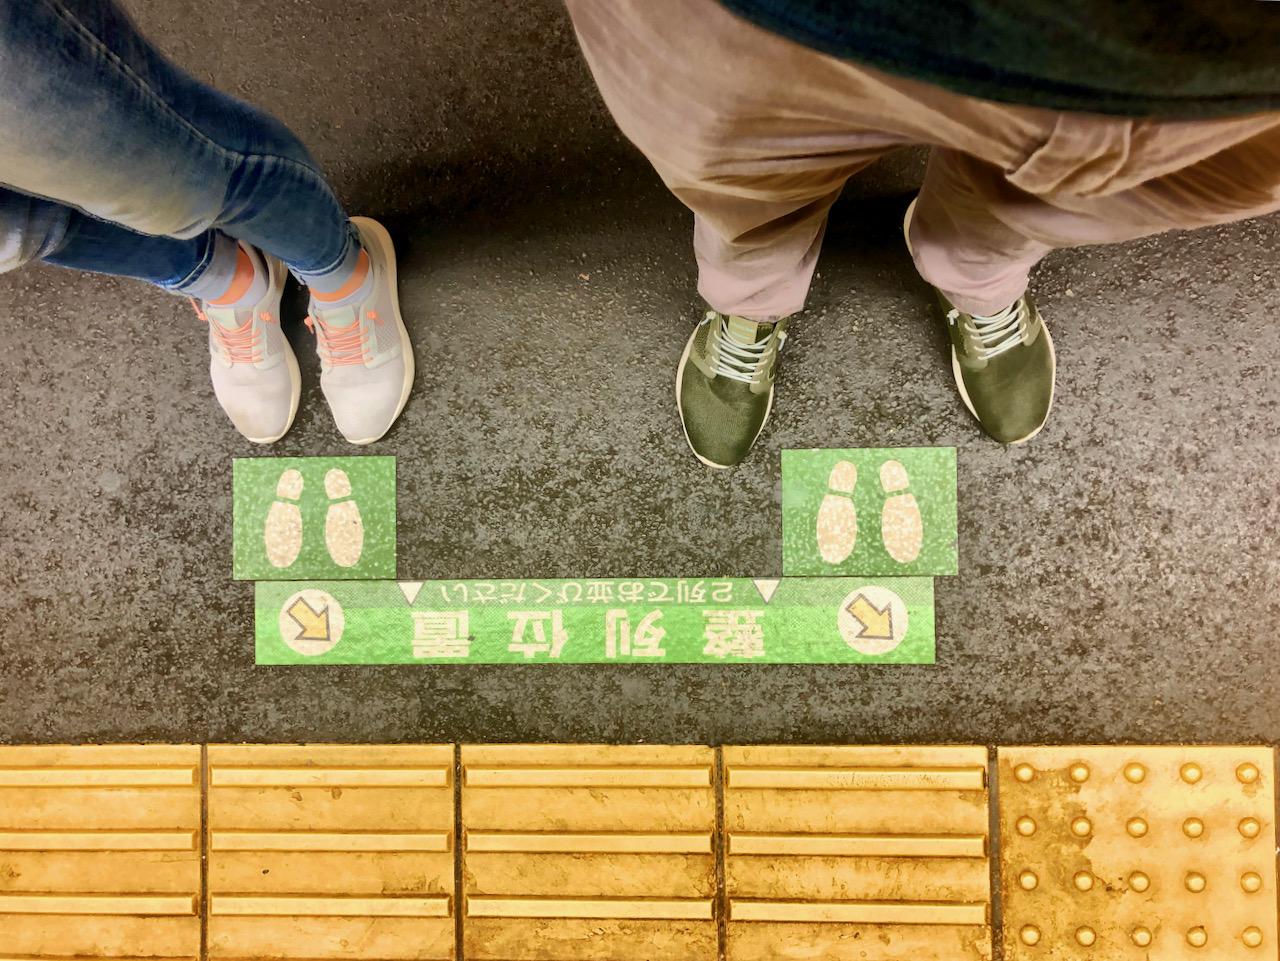 Shinagawa Station, Minato-Ku, Präfektur Tokio, Japan (21.09.2019)